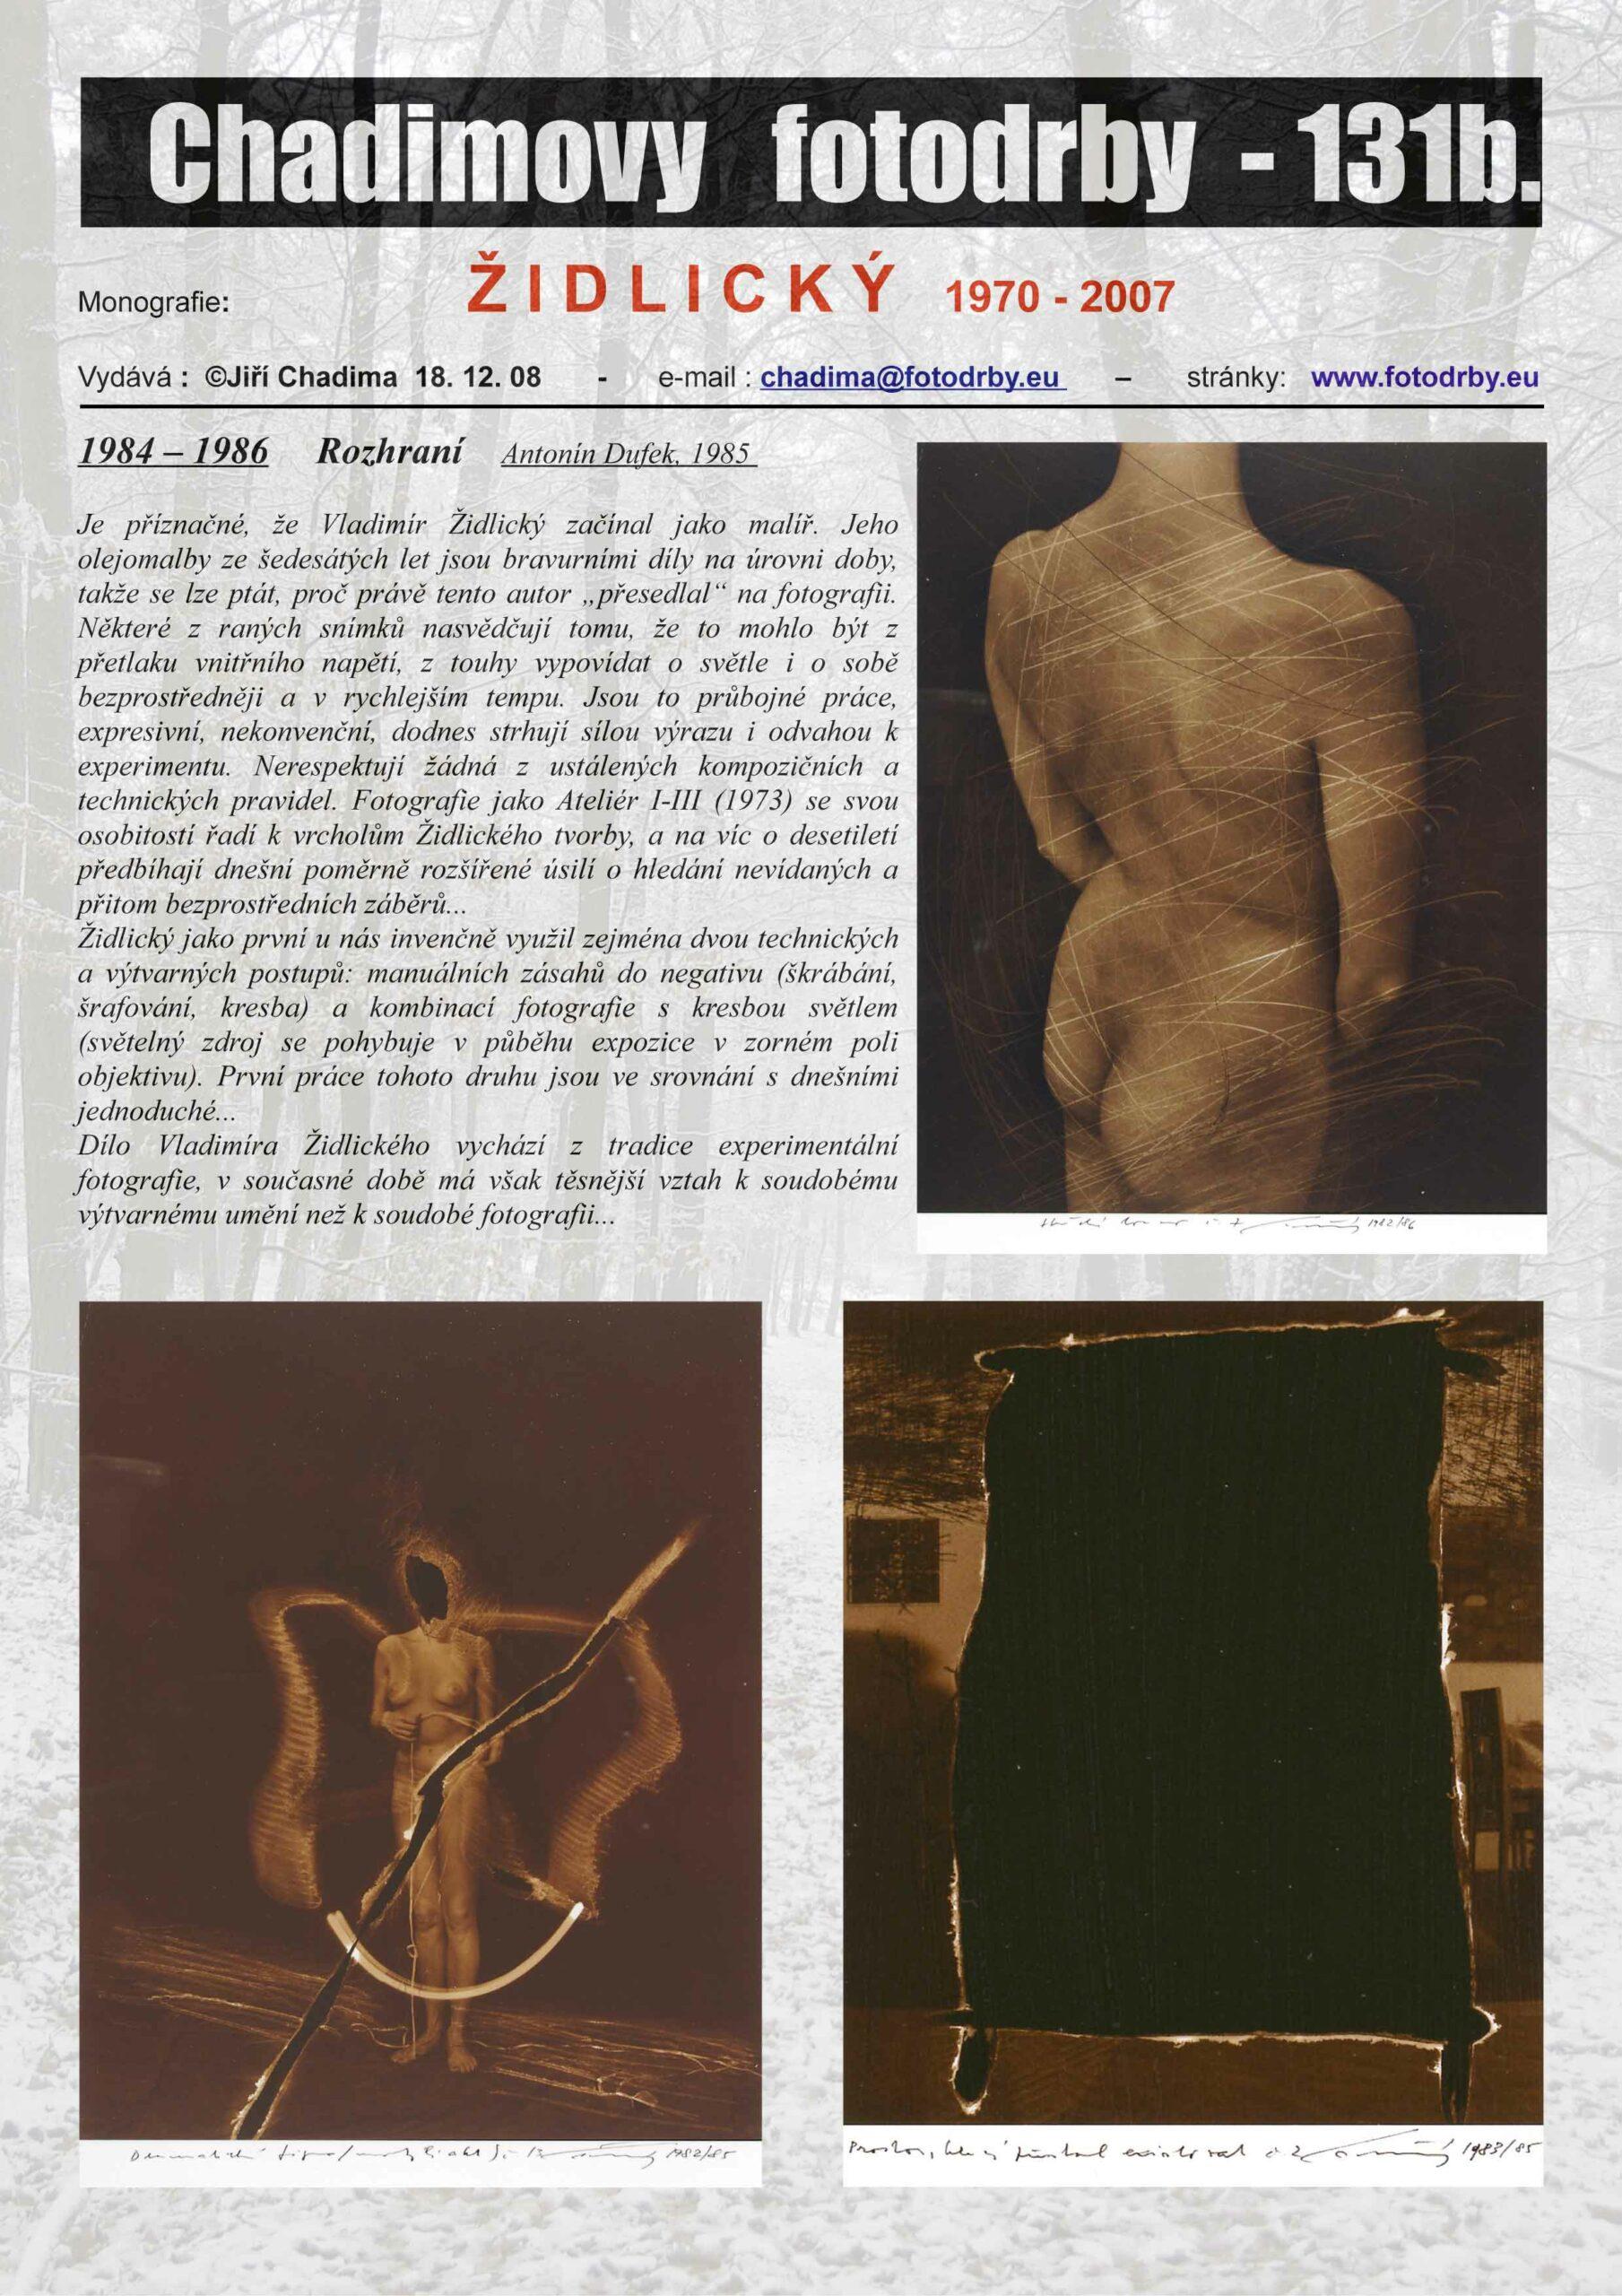 Fotorevue 131b – ŽIDLICKÝ (1970 – 2007)